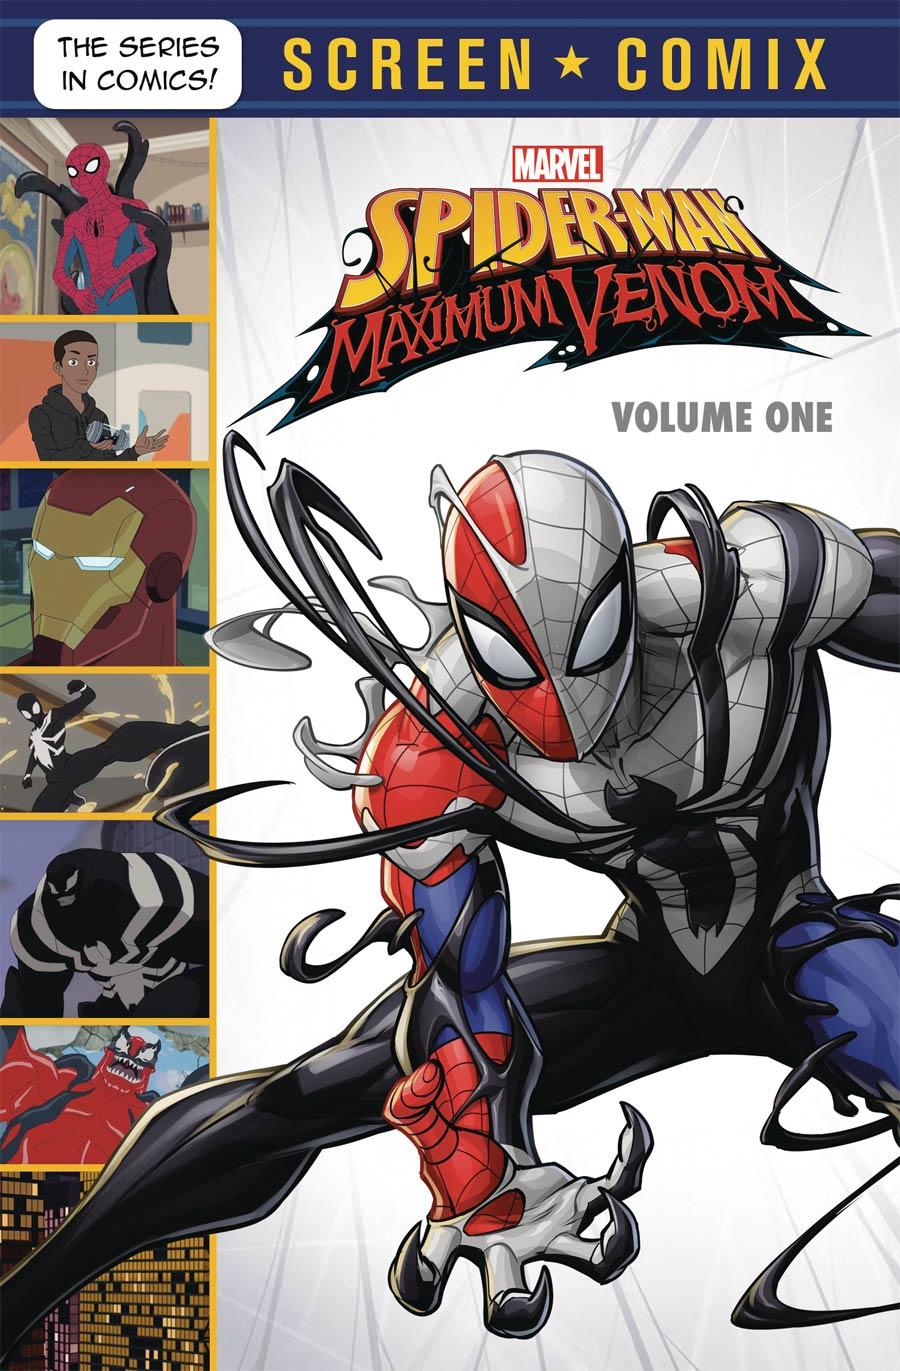 Spider-Man Maximum Venom Screen Comix Vol 1 TP